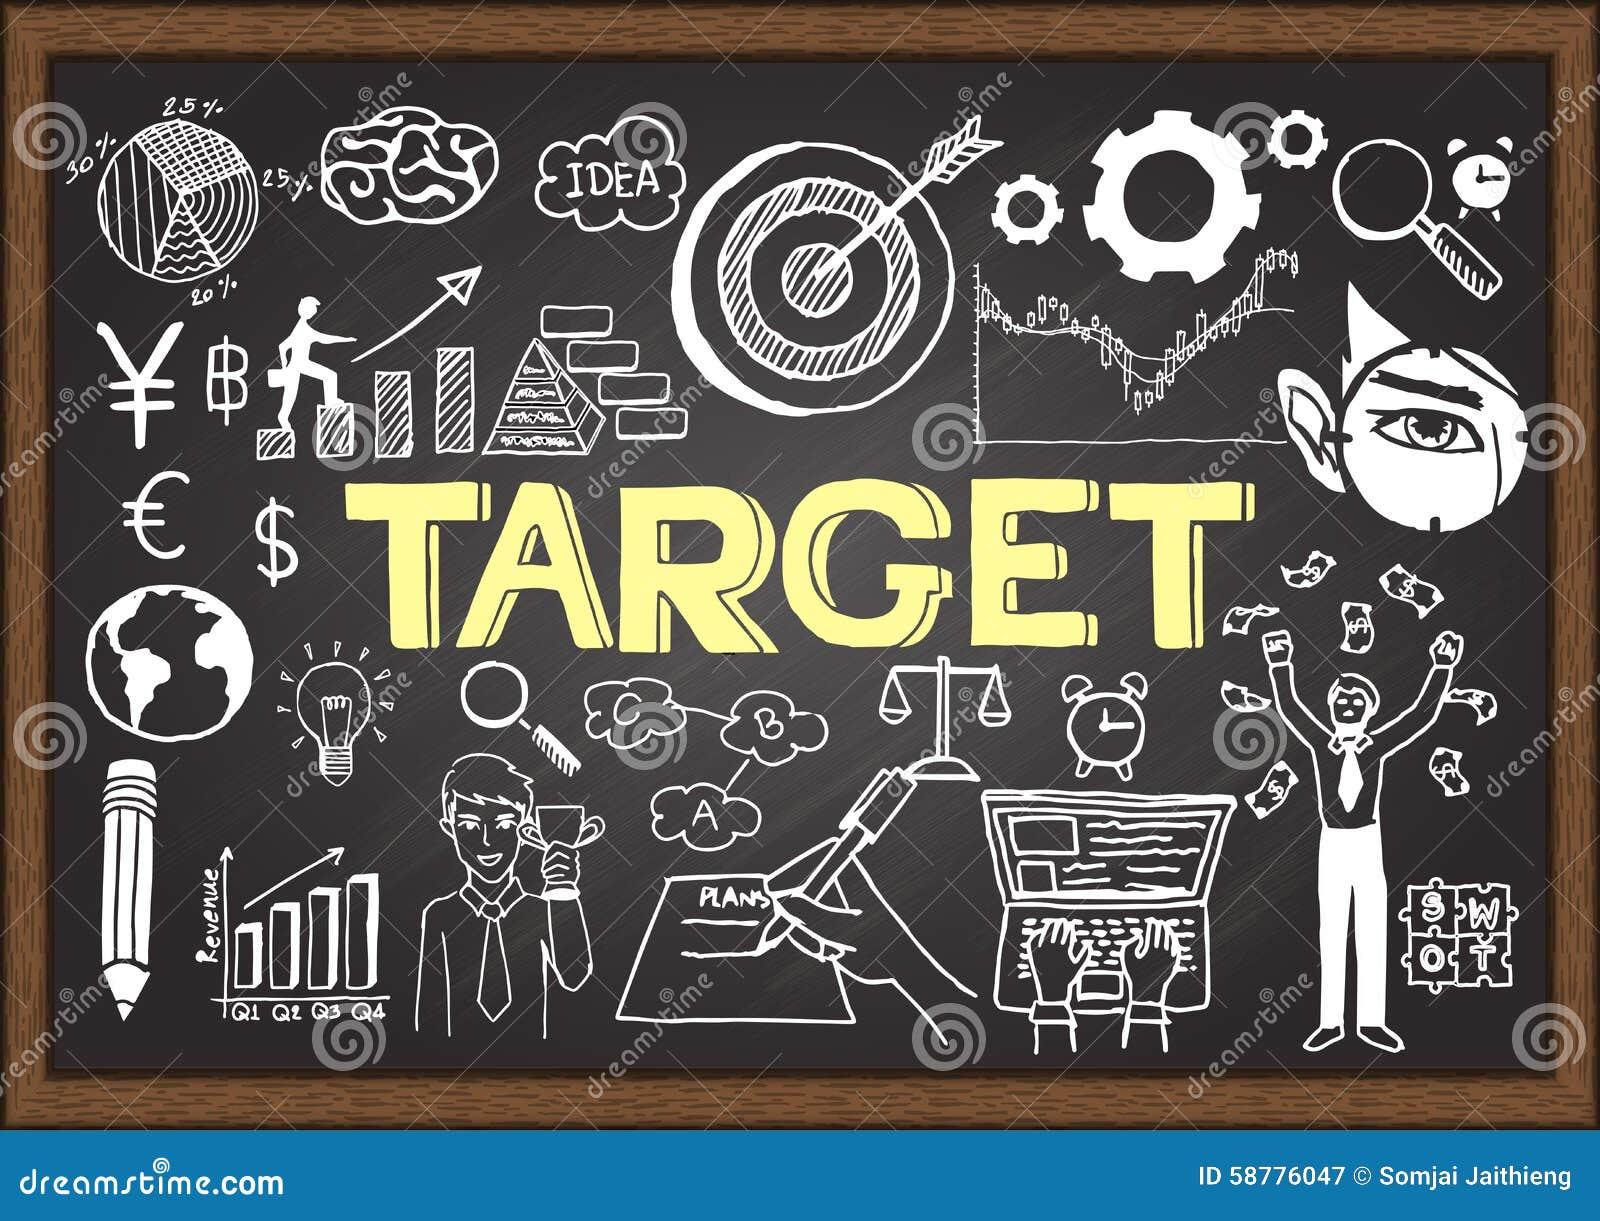 Target business plan